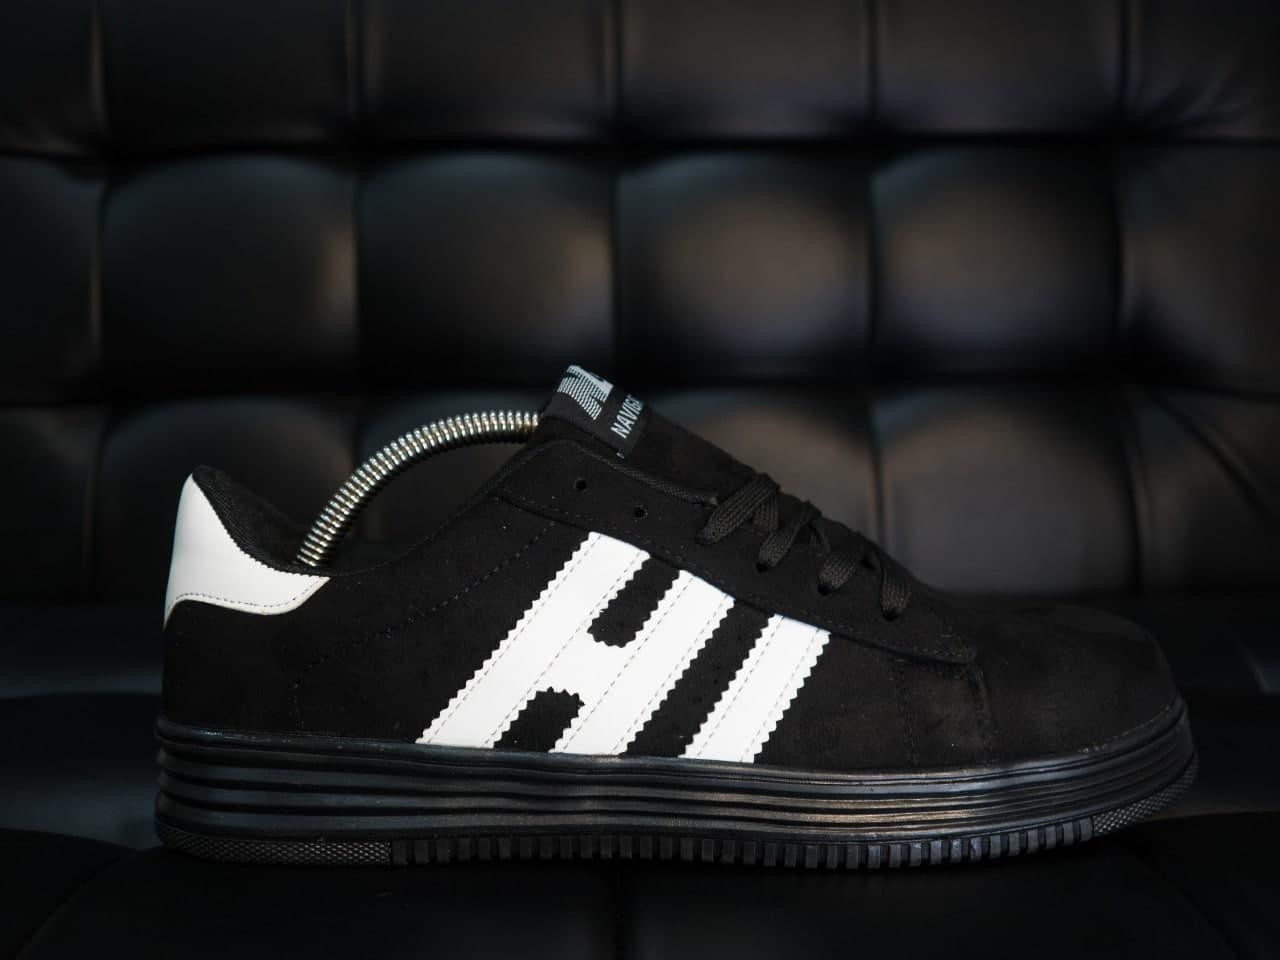 РОЗПРОДАЖ Кеди H-B V2 чорні з білим